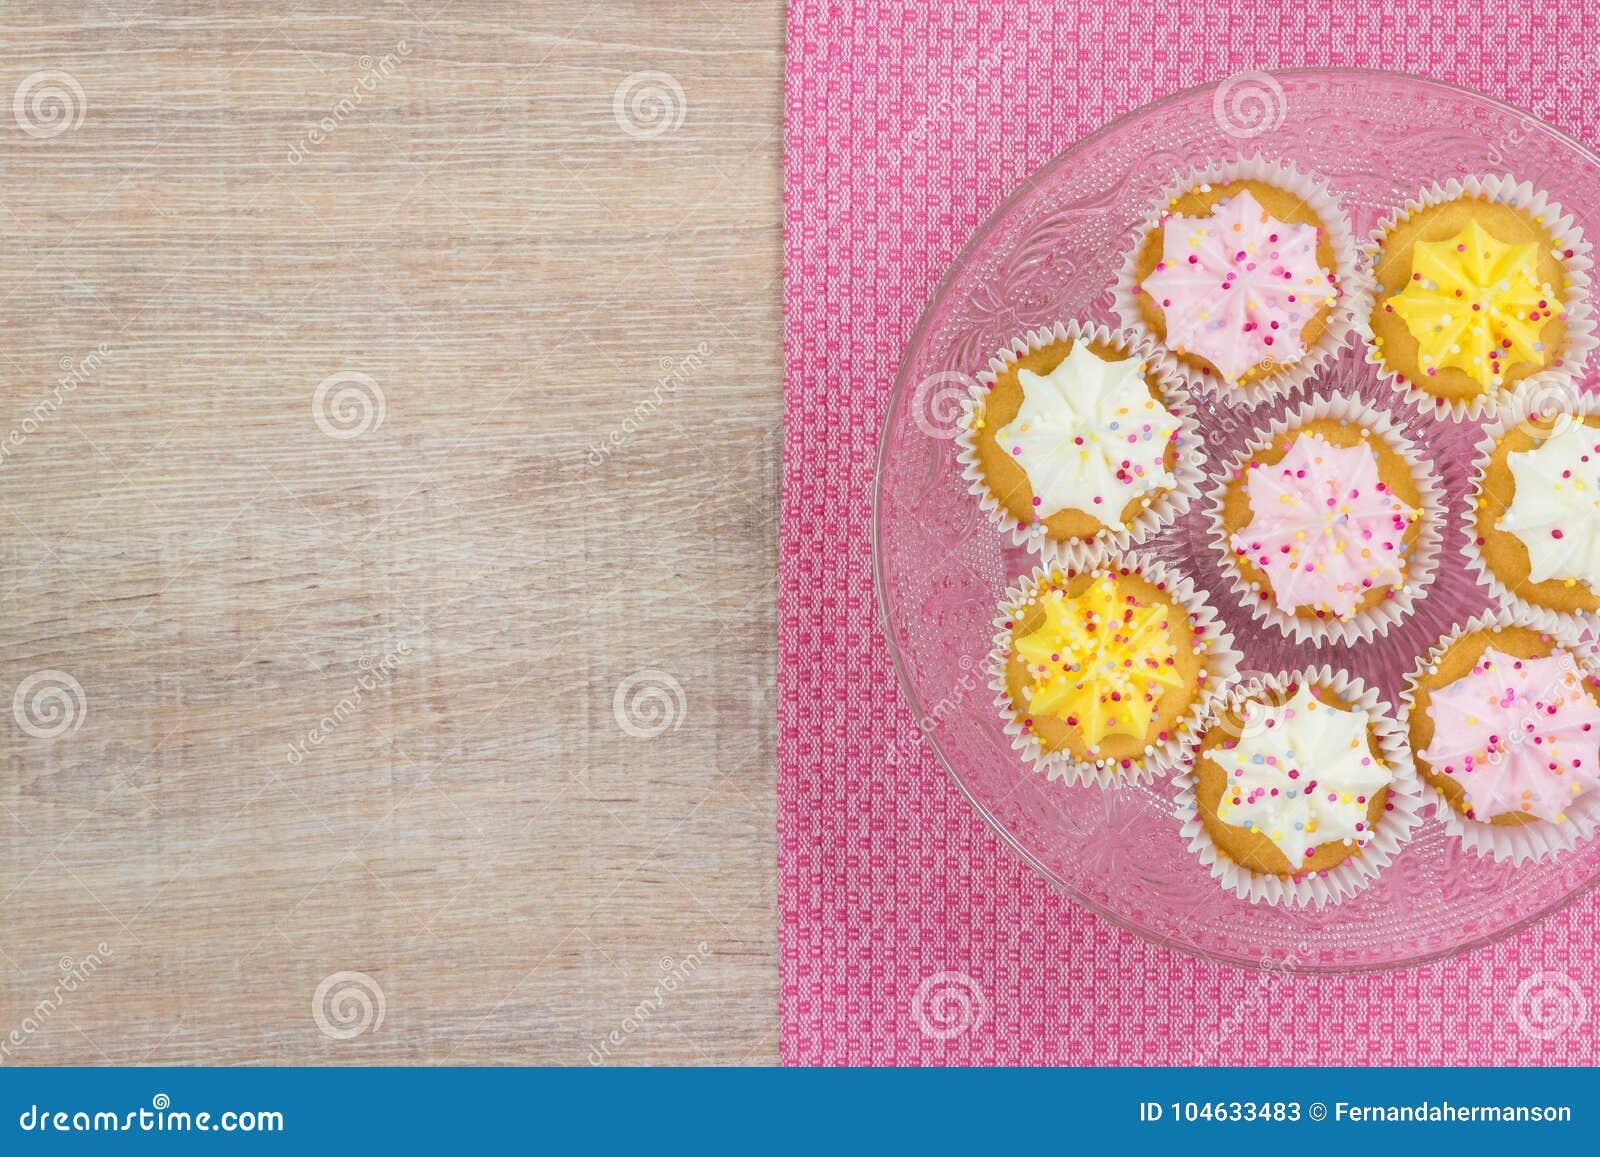 Download Kleurrijke Cupcakes Op Een Houten Lijstachtergrond Stock Afbeelding - Afbeelding bestaande uit gastronomisch, feestelijk: 104633483